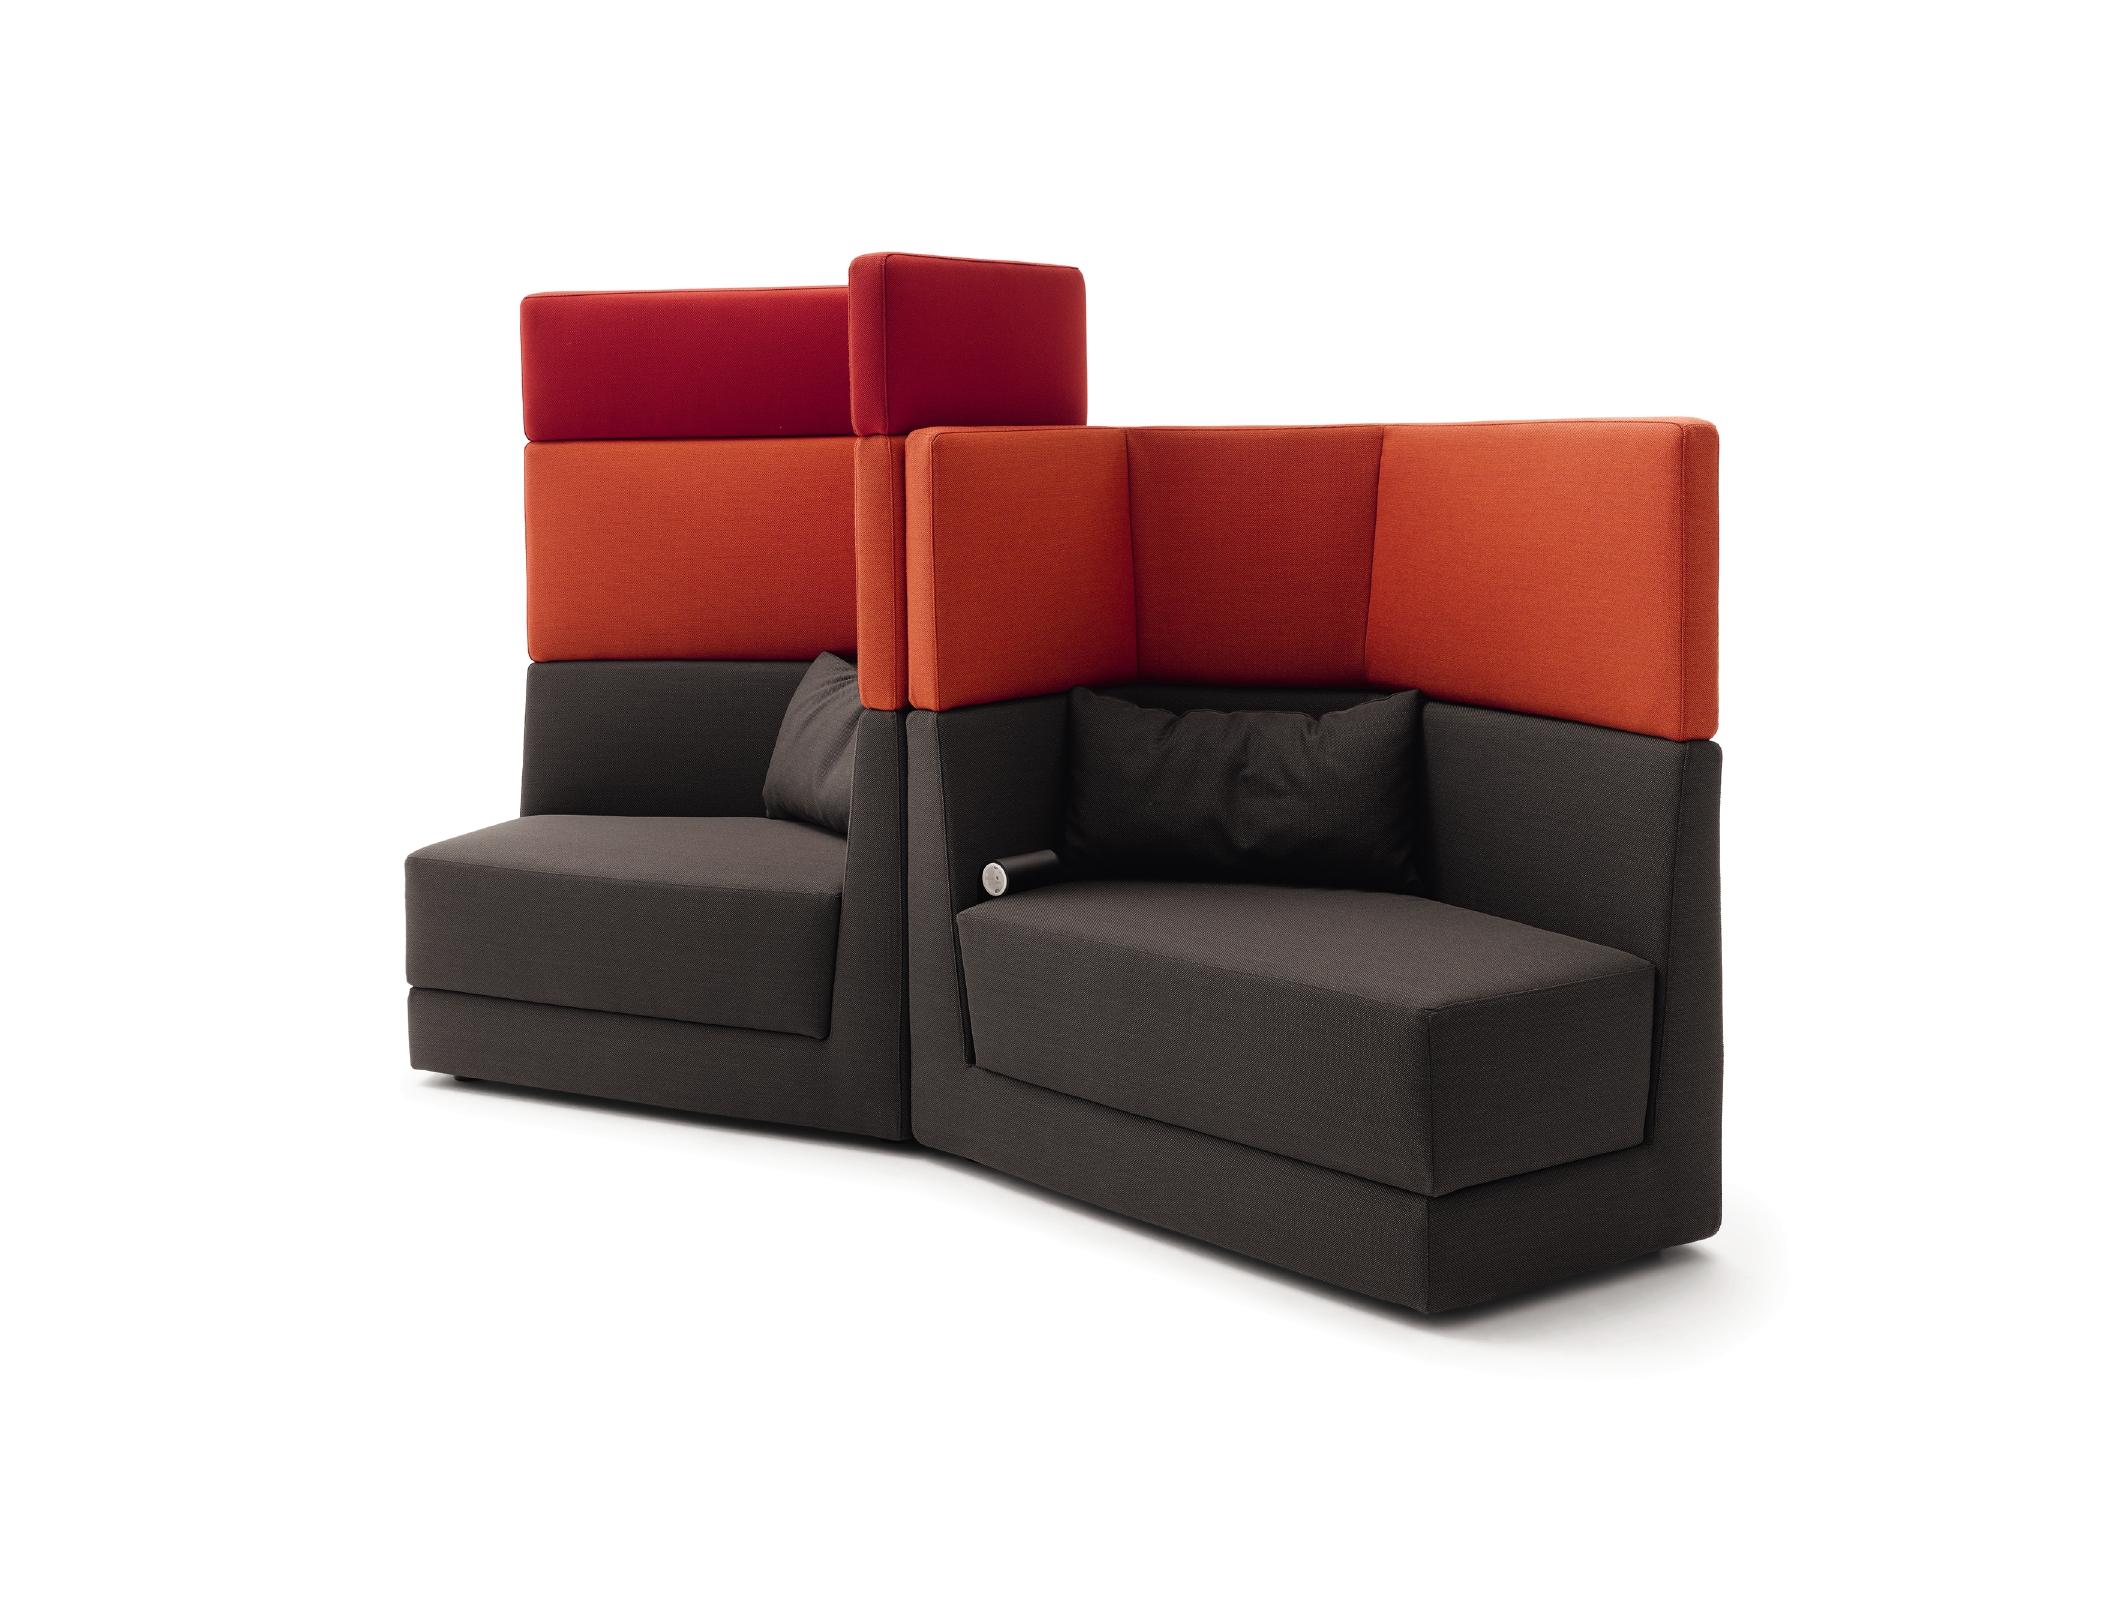 Scope Sofa Professional: COR